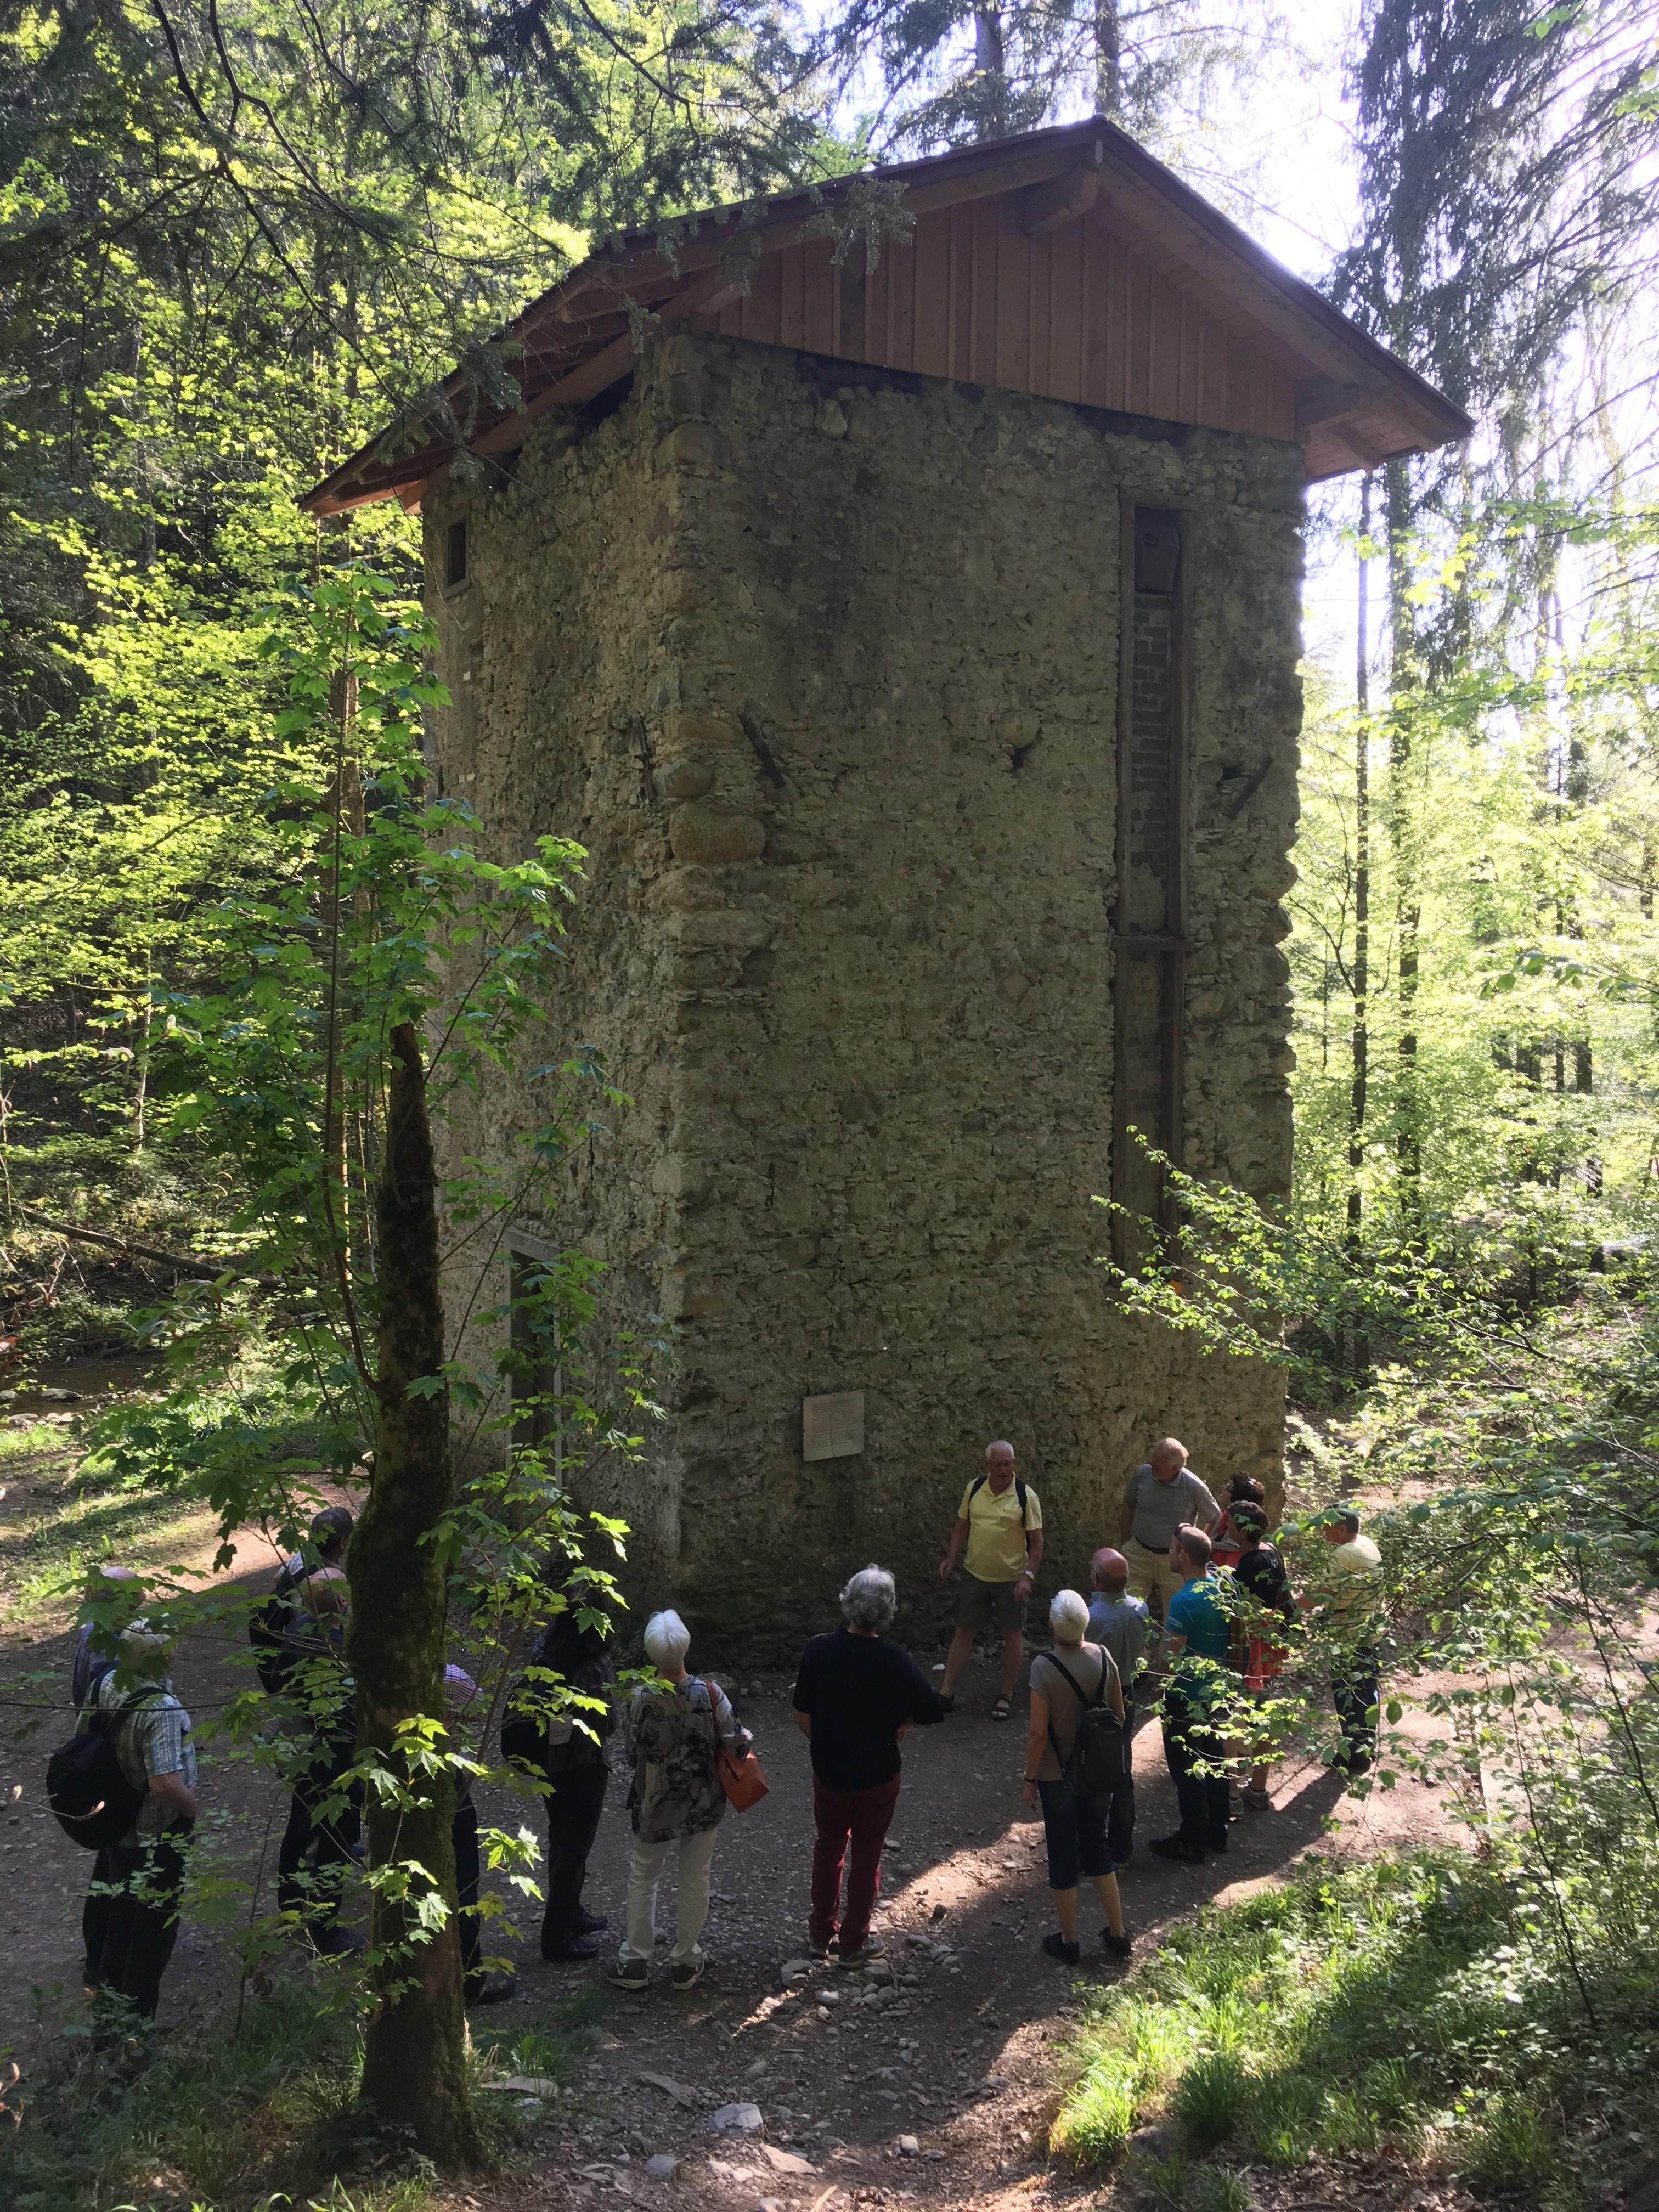 Der Tobelturm beherbergte einmal die mechanische Übertragung der Wasserkraft zur Fabrik. Die Elektrifizierung hat diese Technik aber bald überflüssig gemacht.